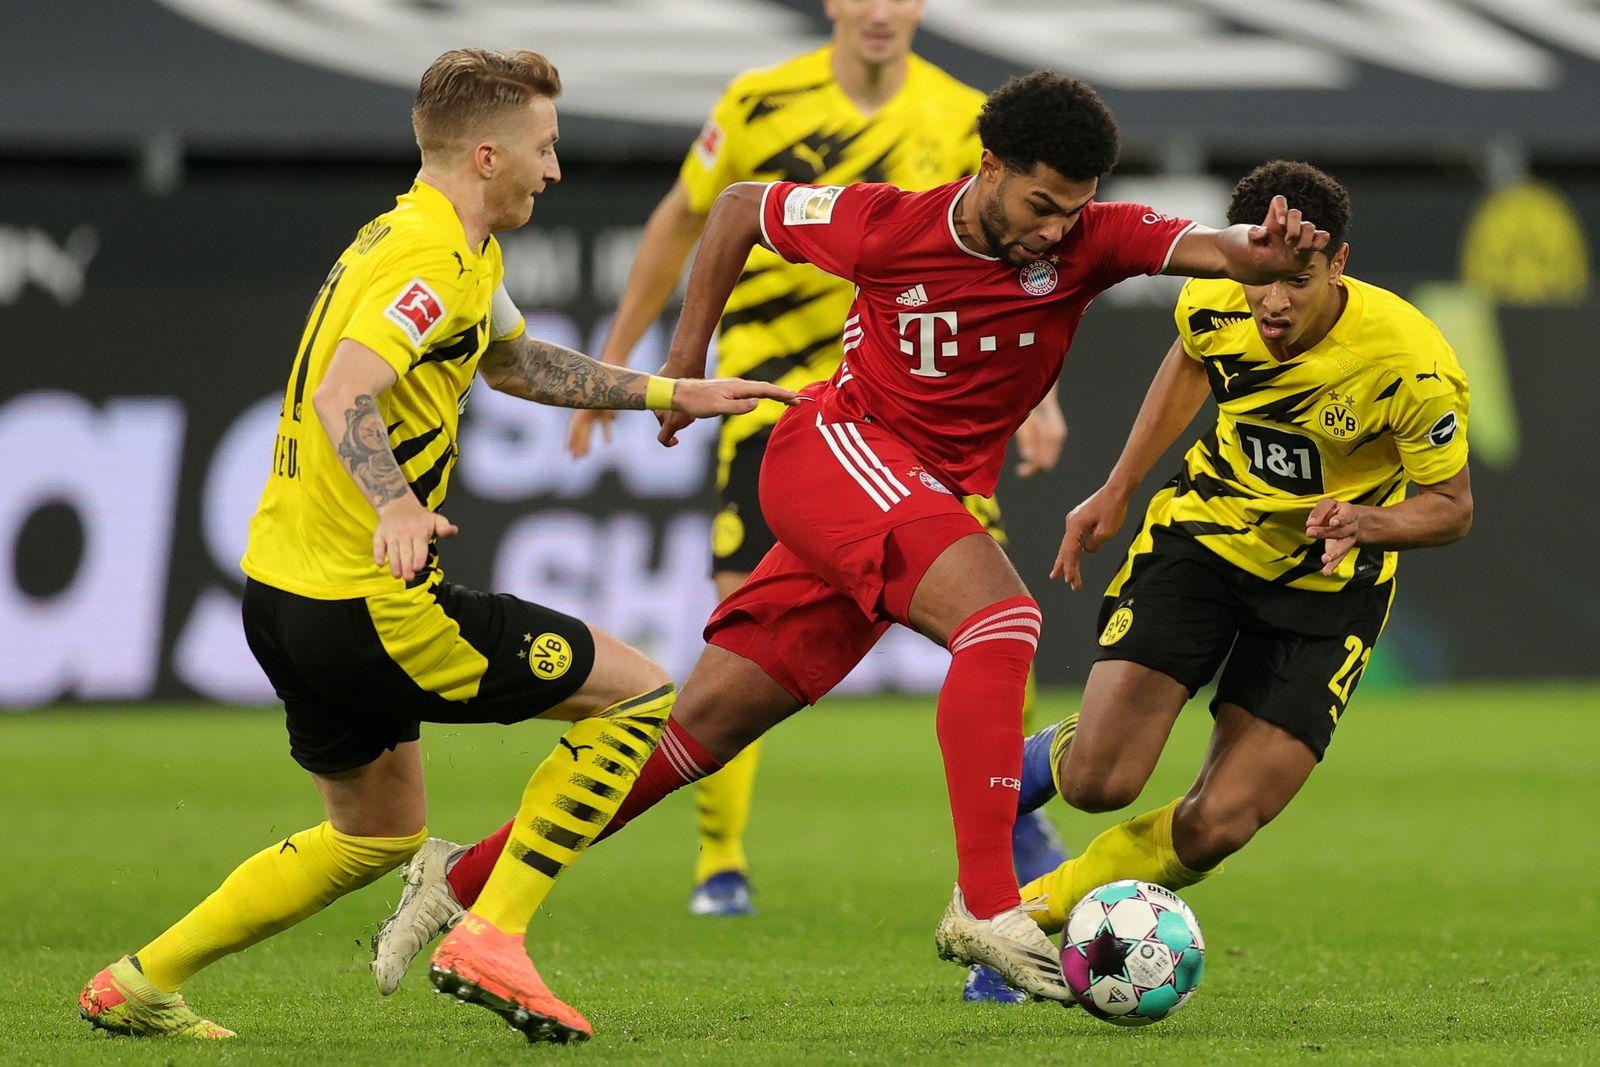 Borussia Dortmund vs FC Bayern Munich, Germany - 07 Nov 2020